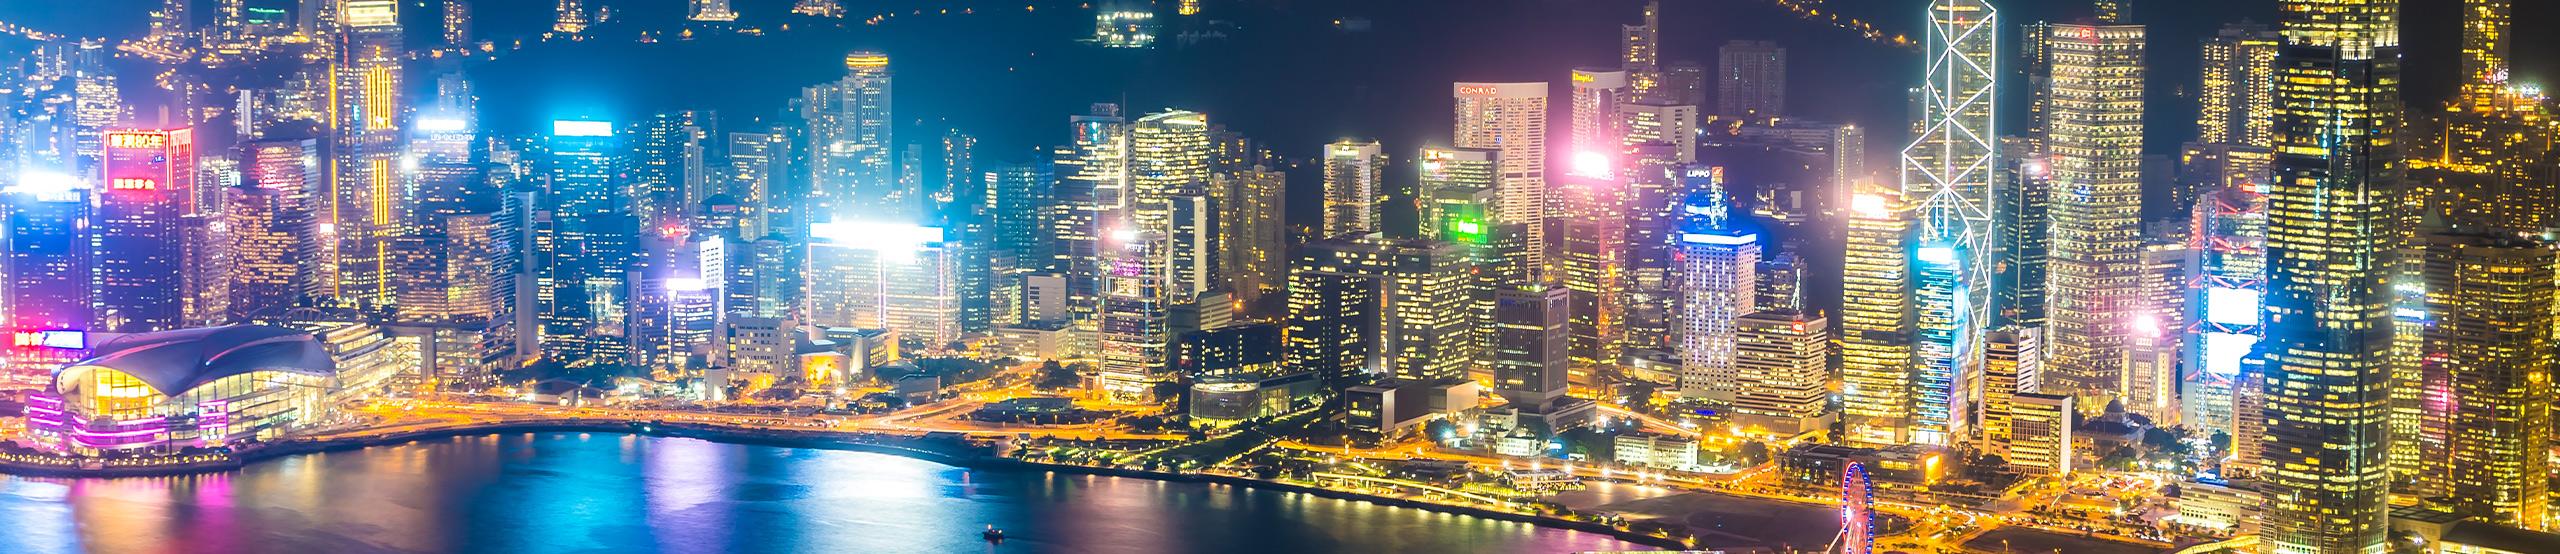 Hong Kong City | Naples Global Advisors, SEC Registered Investment Advisor